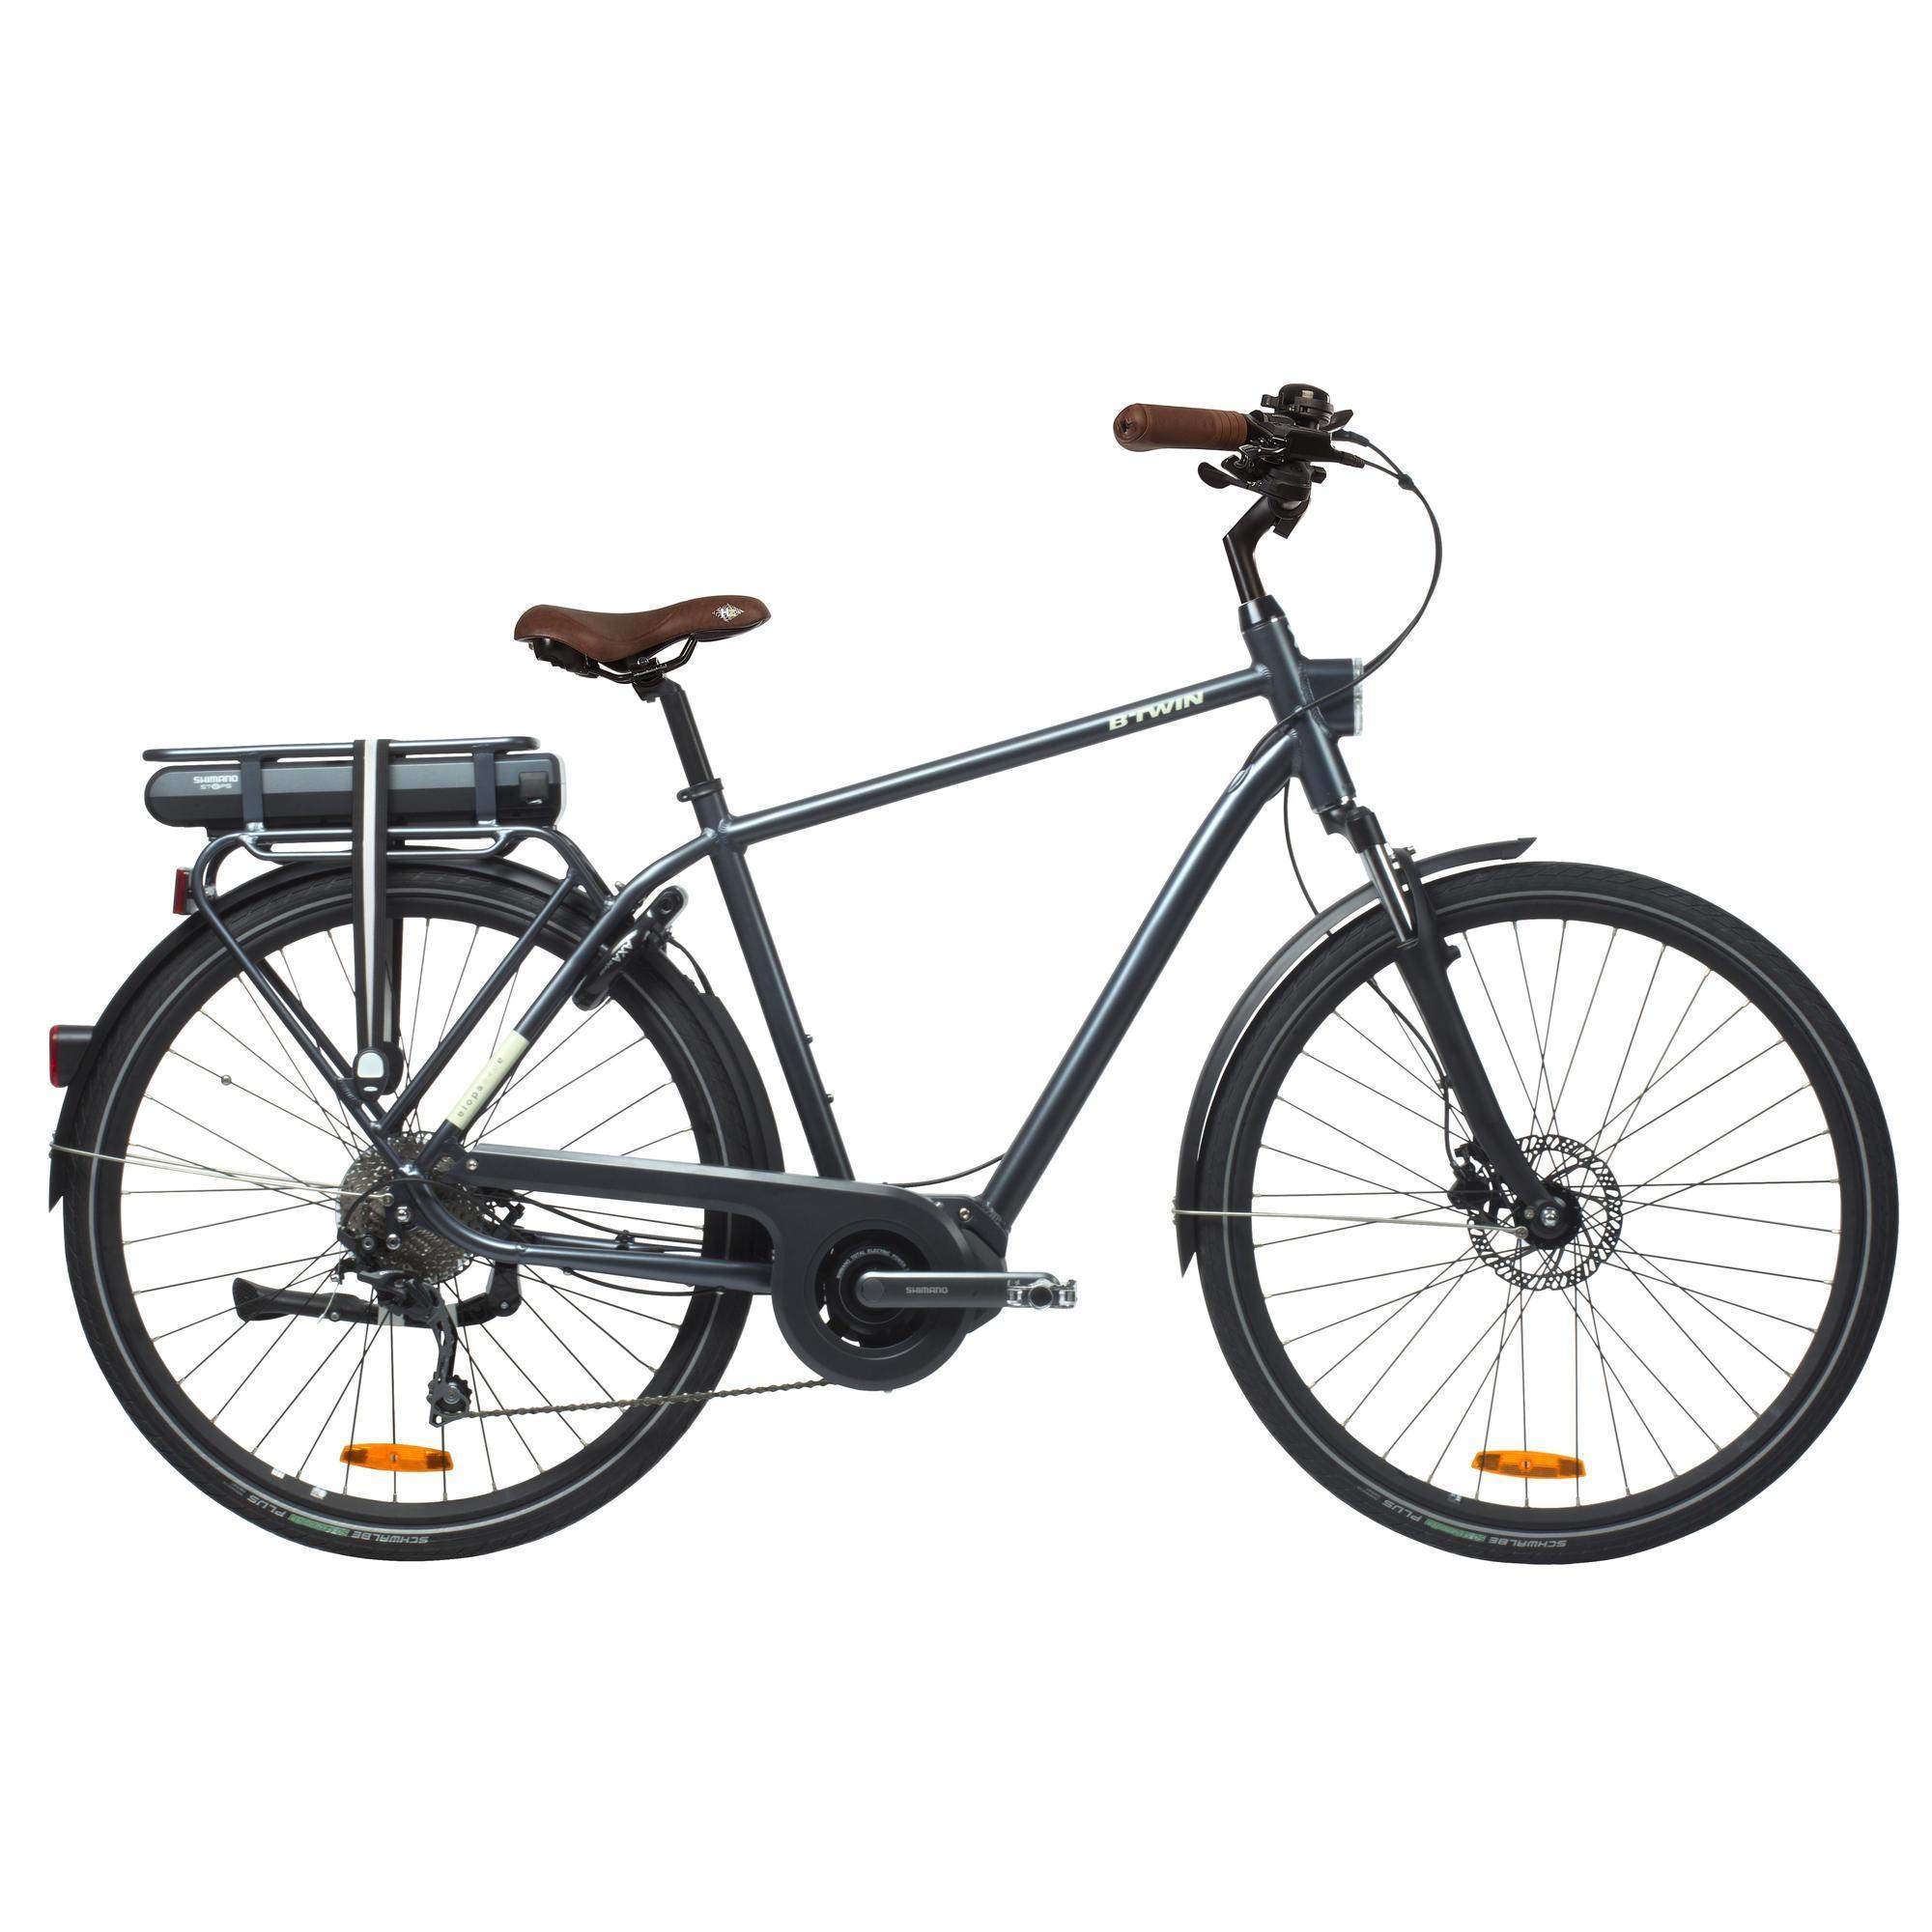 B'twin Elektrische fiets - E-bike Elops 940 hoog frame stadsfiets antraciet